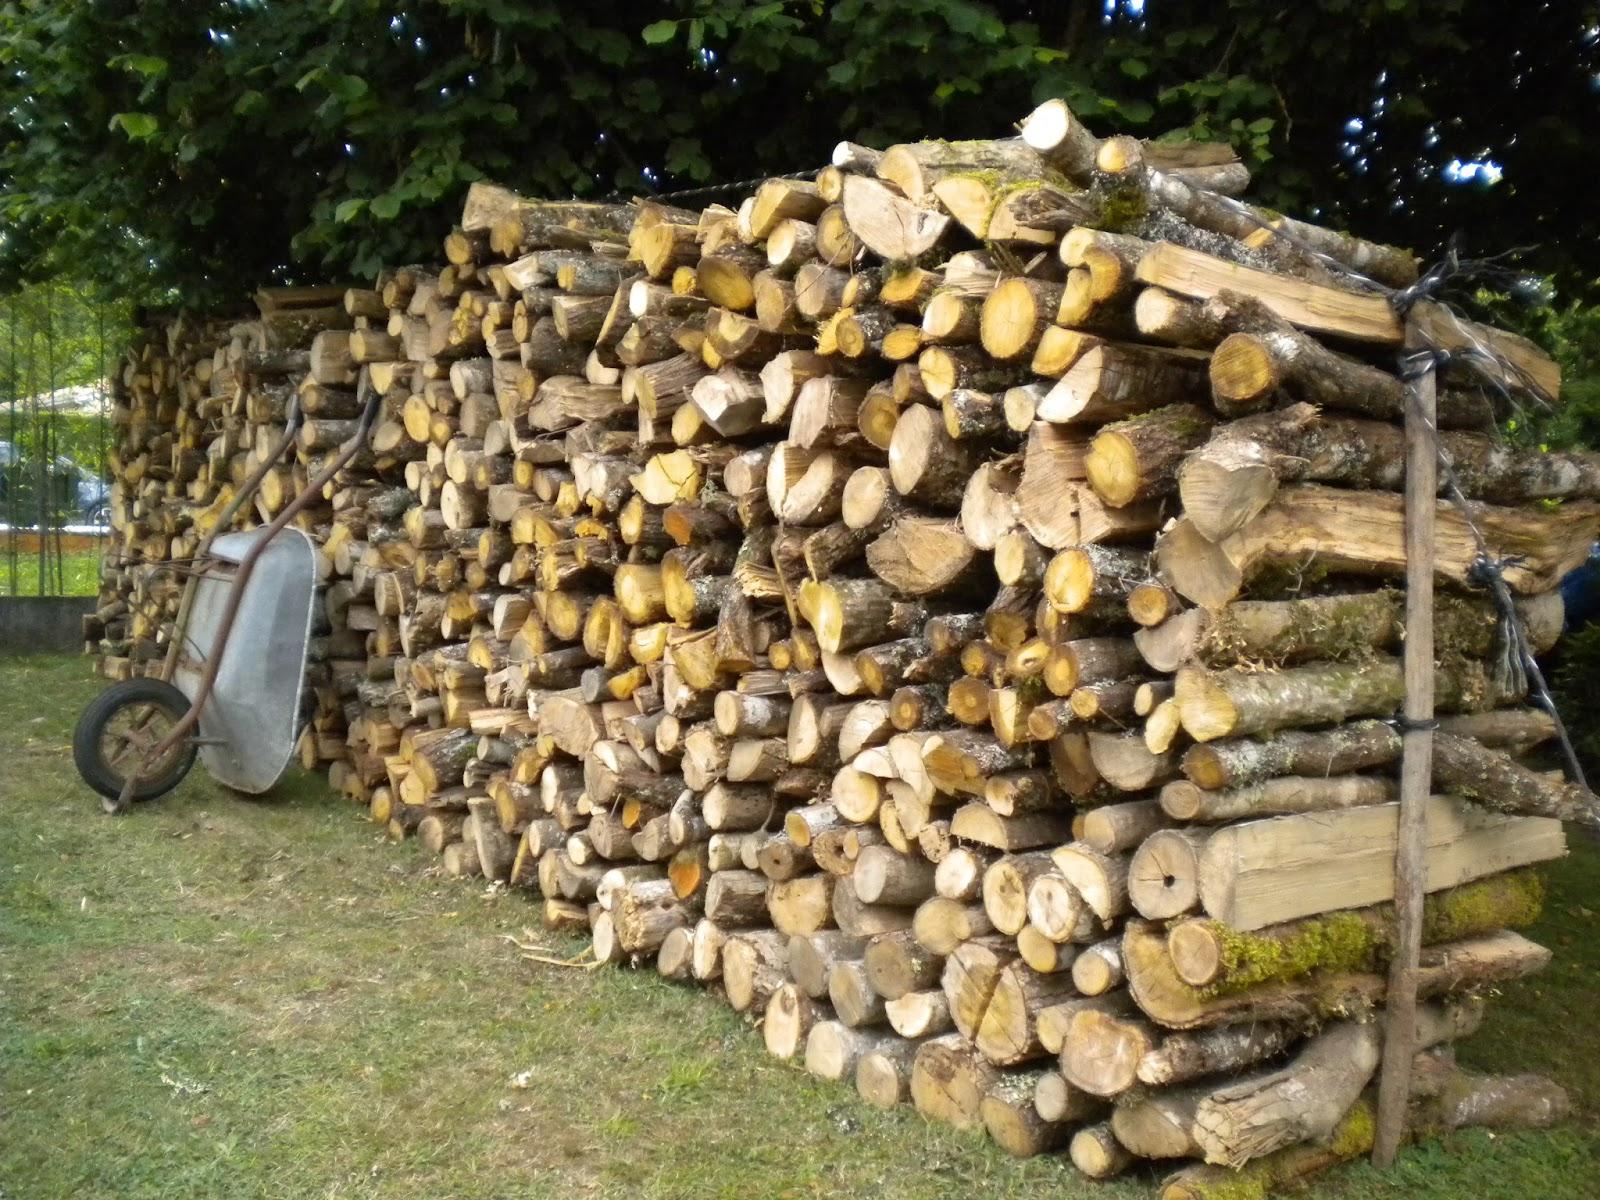 le blog de d d le bois de chauffage pour l 39 hiver. Black Bedroom Furniture Sets. Home Design Ideas